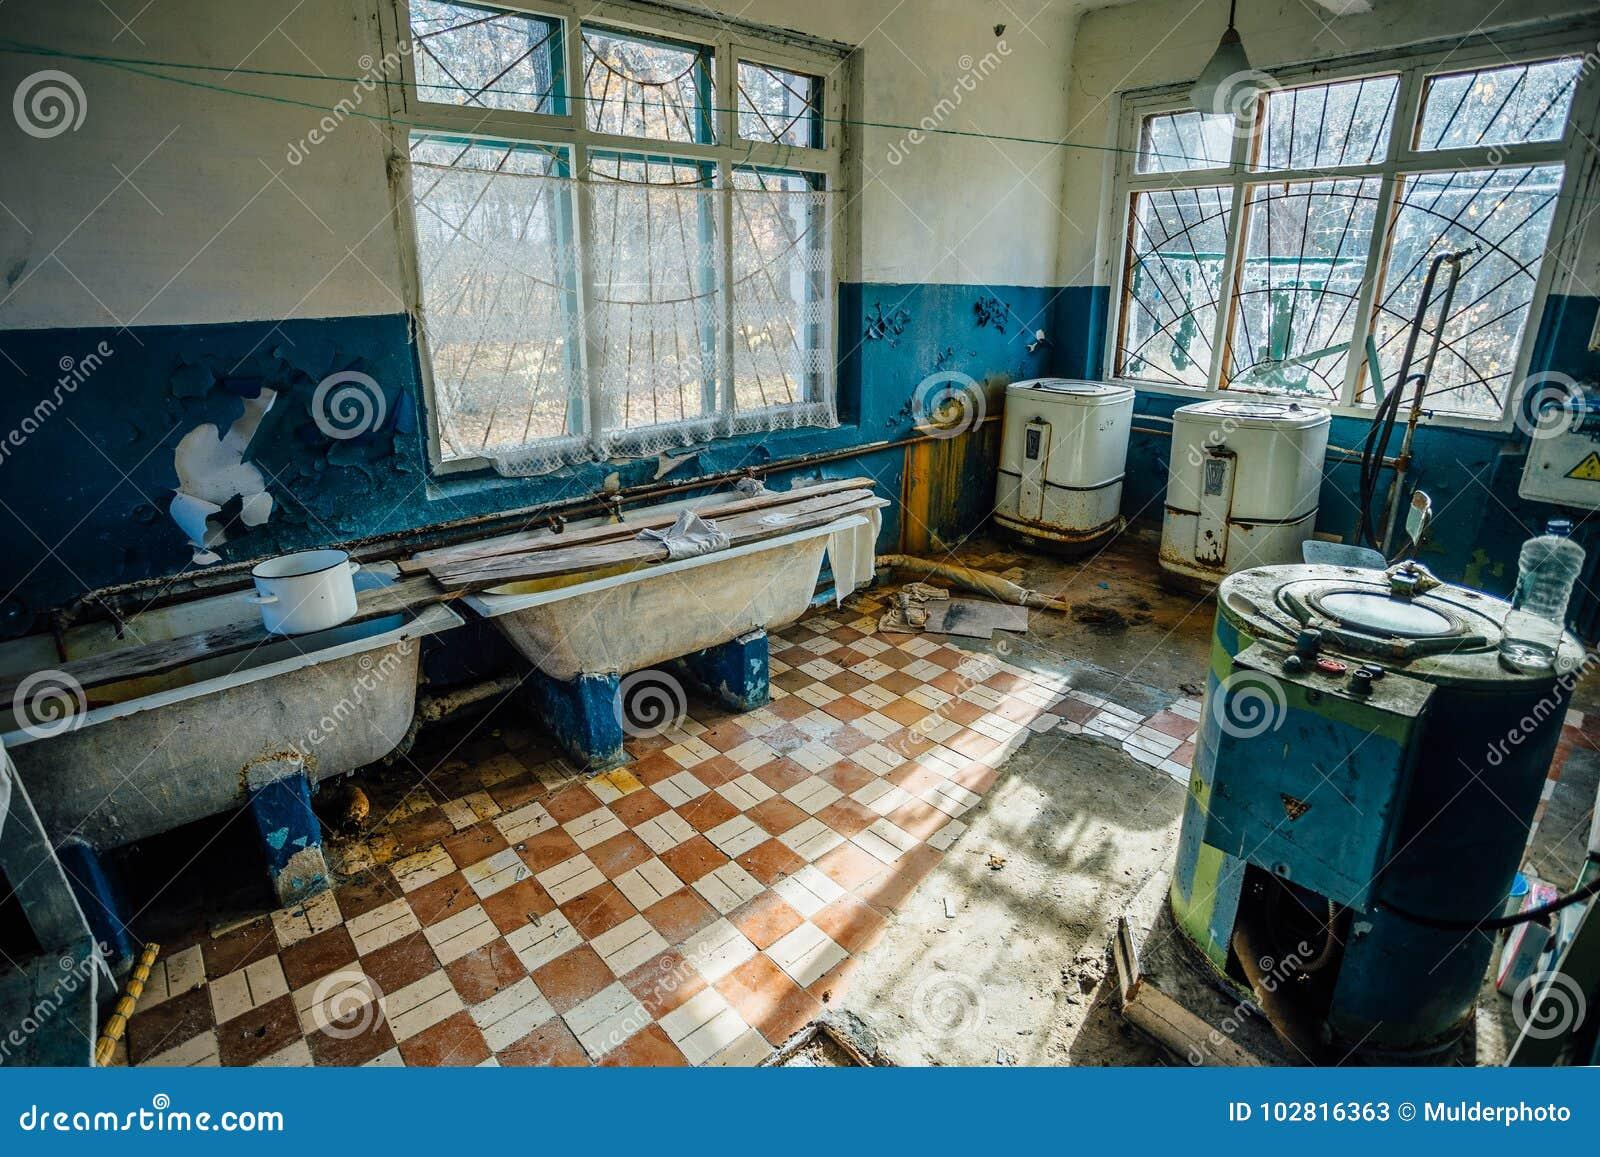 El viejo lavadero espeluznante con un piso sucio y máquinas rotas del lavado y se baña en un hospital psiquiátrico abandonado